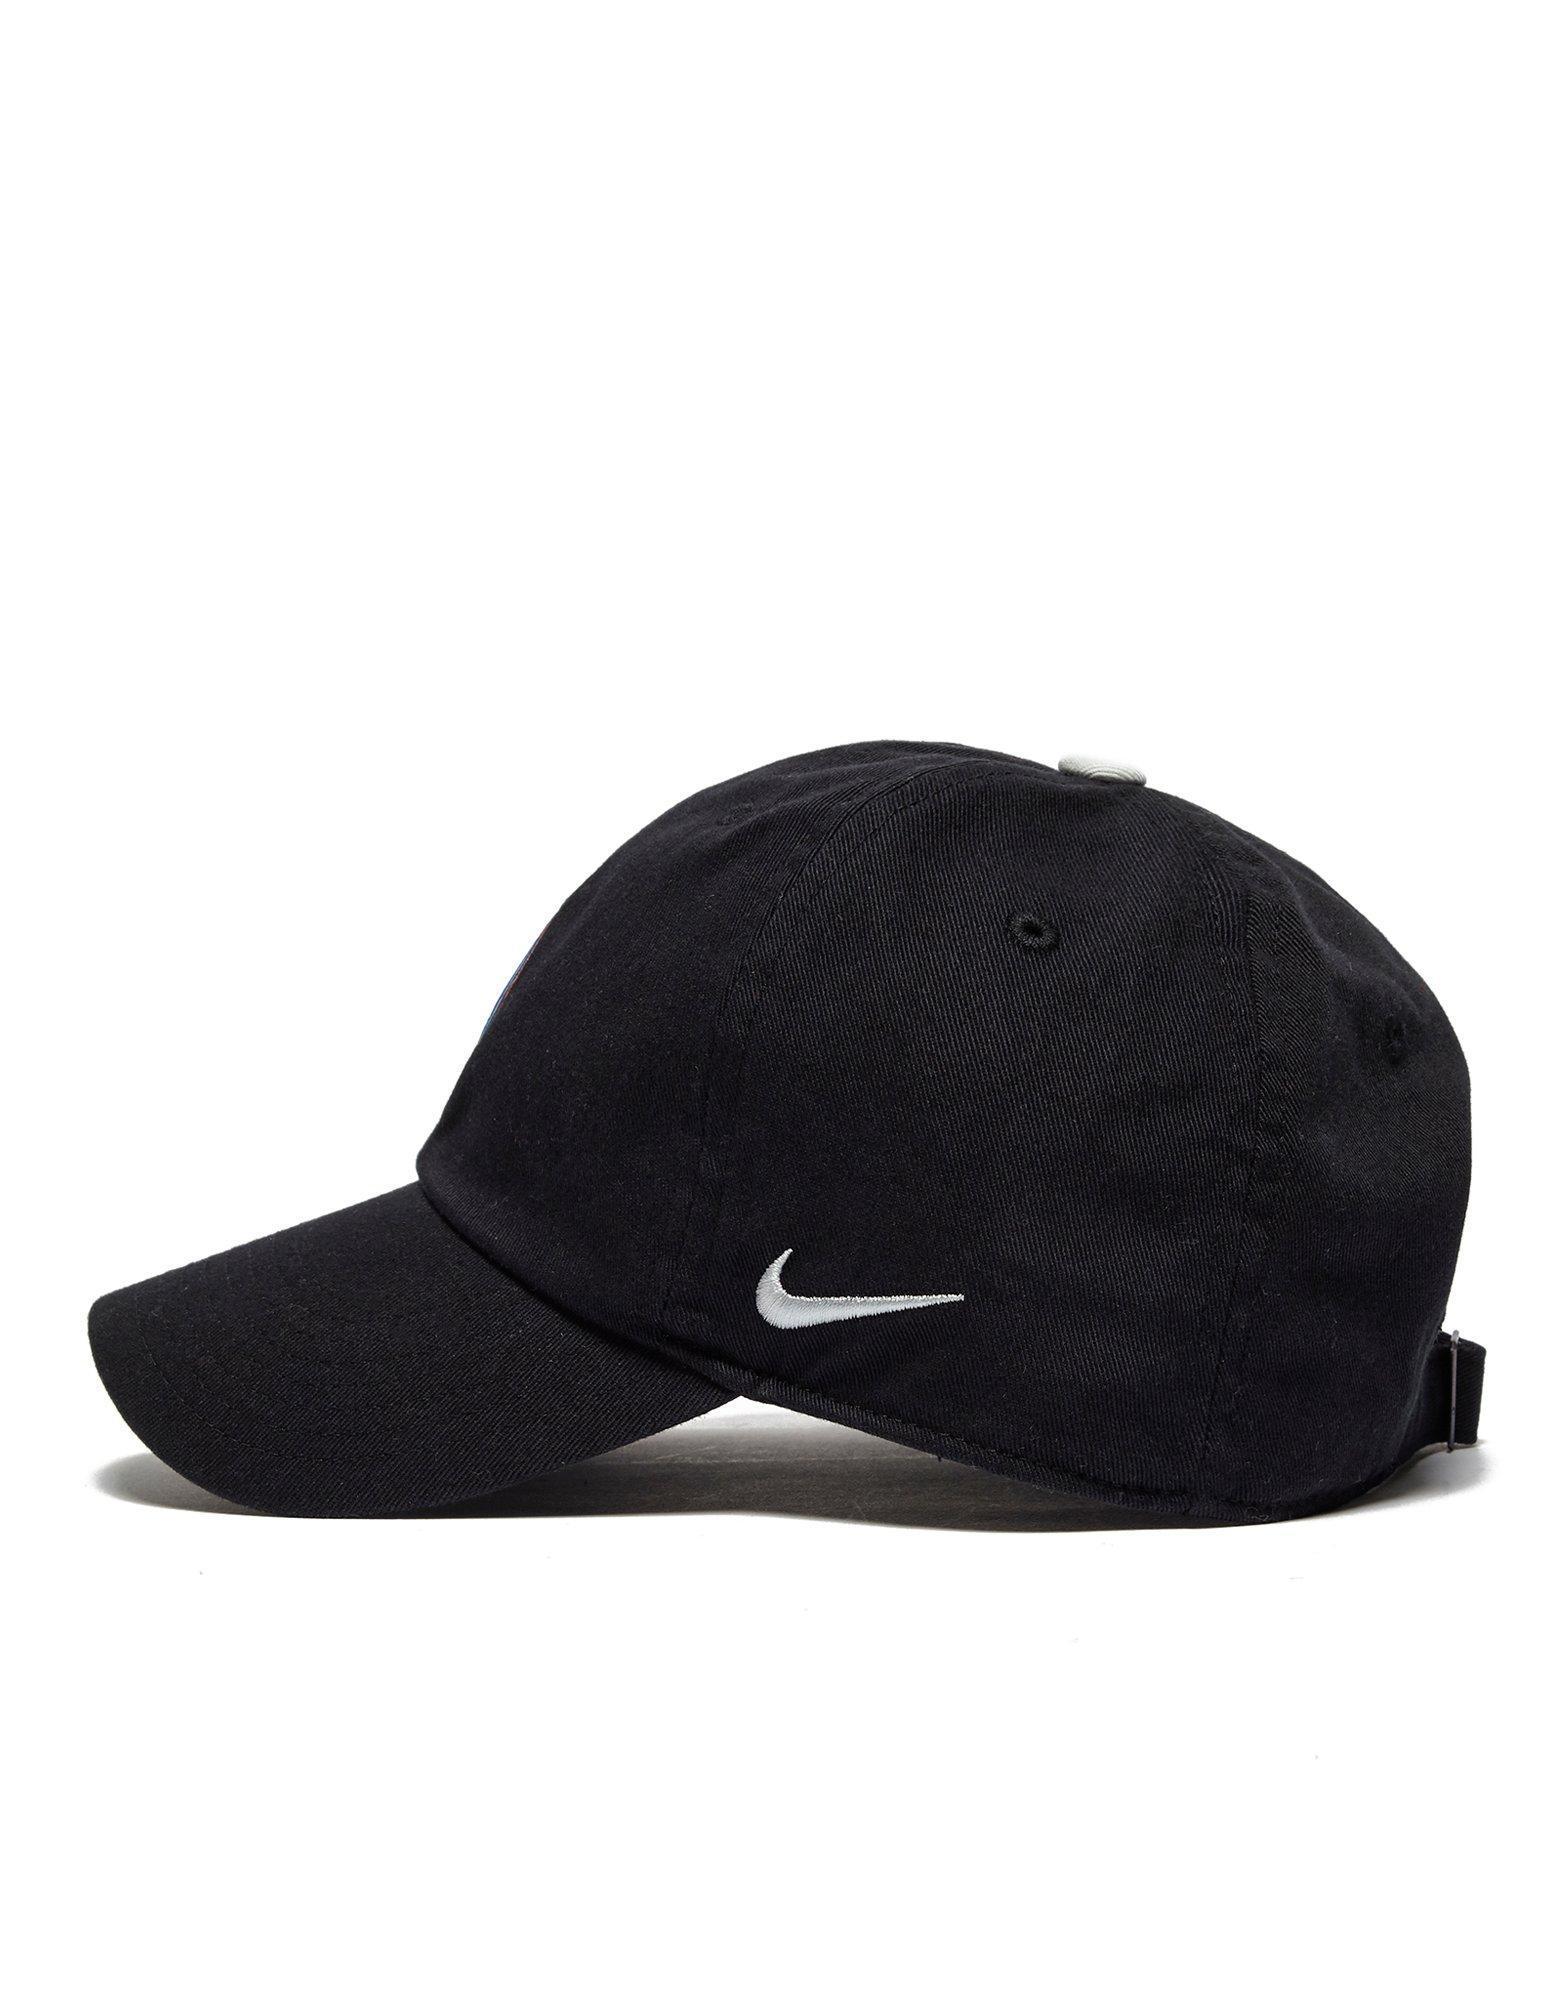 timeless design 24264 d21d9 Nike Paris Saint Germain H86 Cap in Black for Men - Lyst